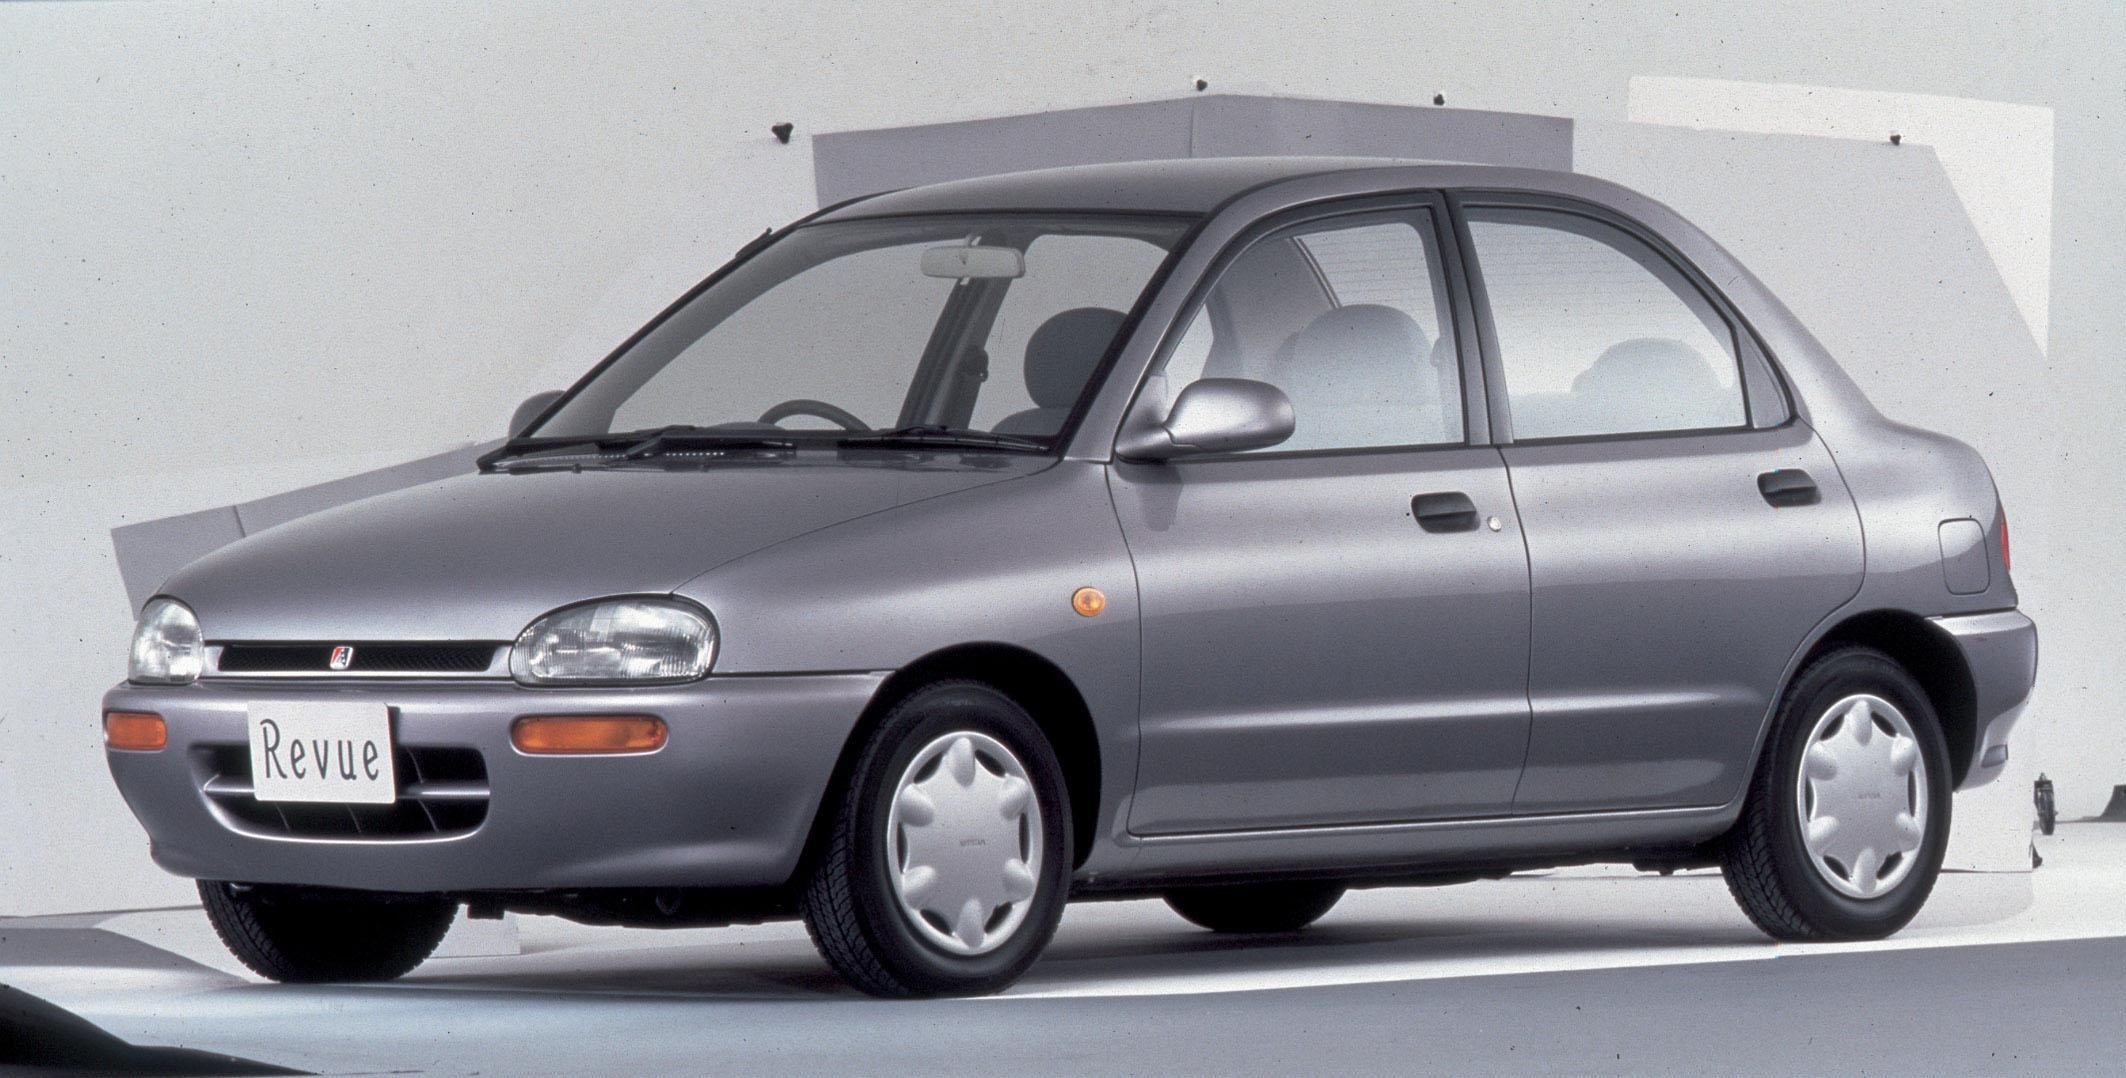 Mazda Revue 1990